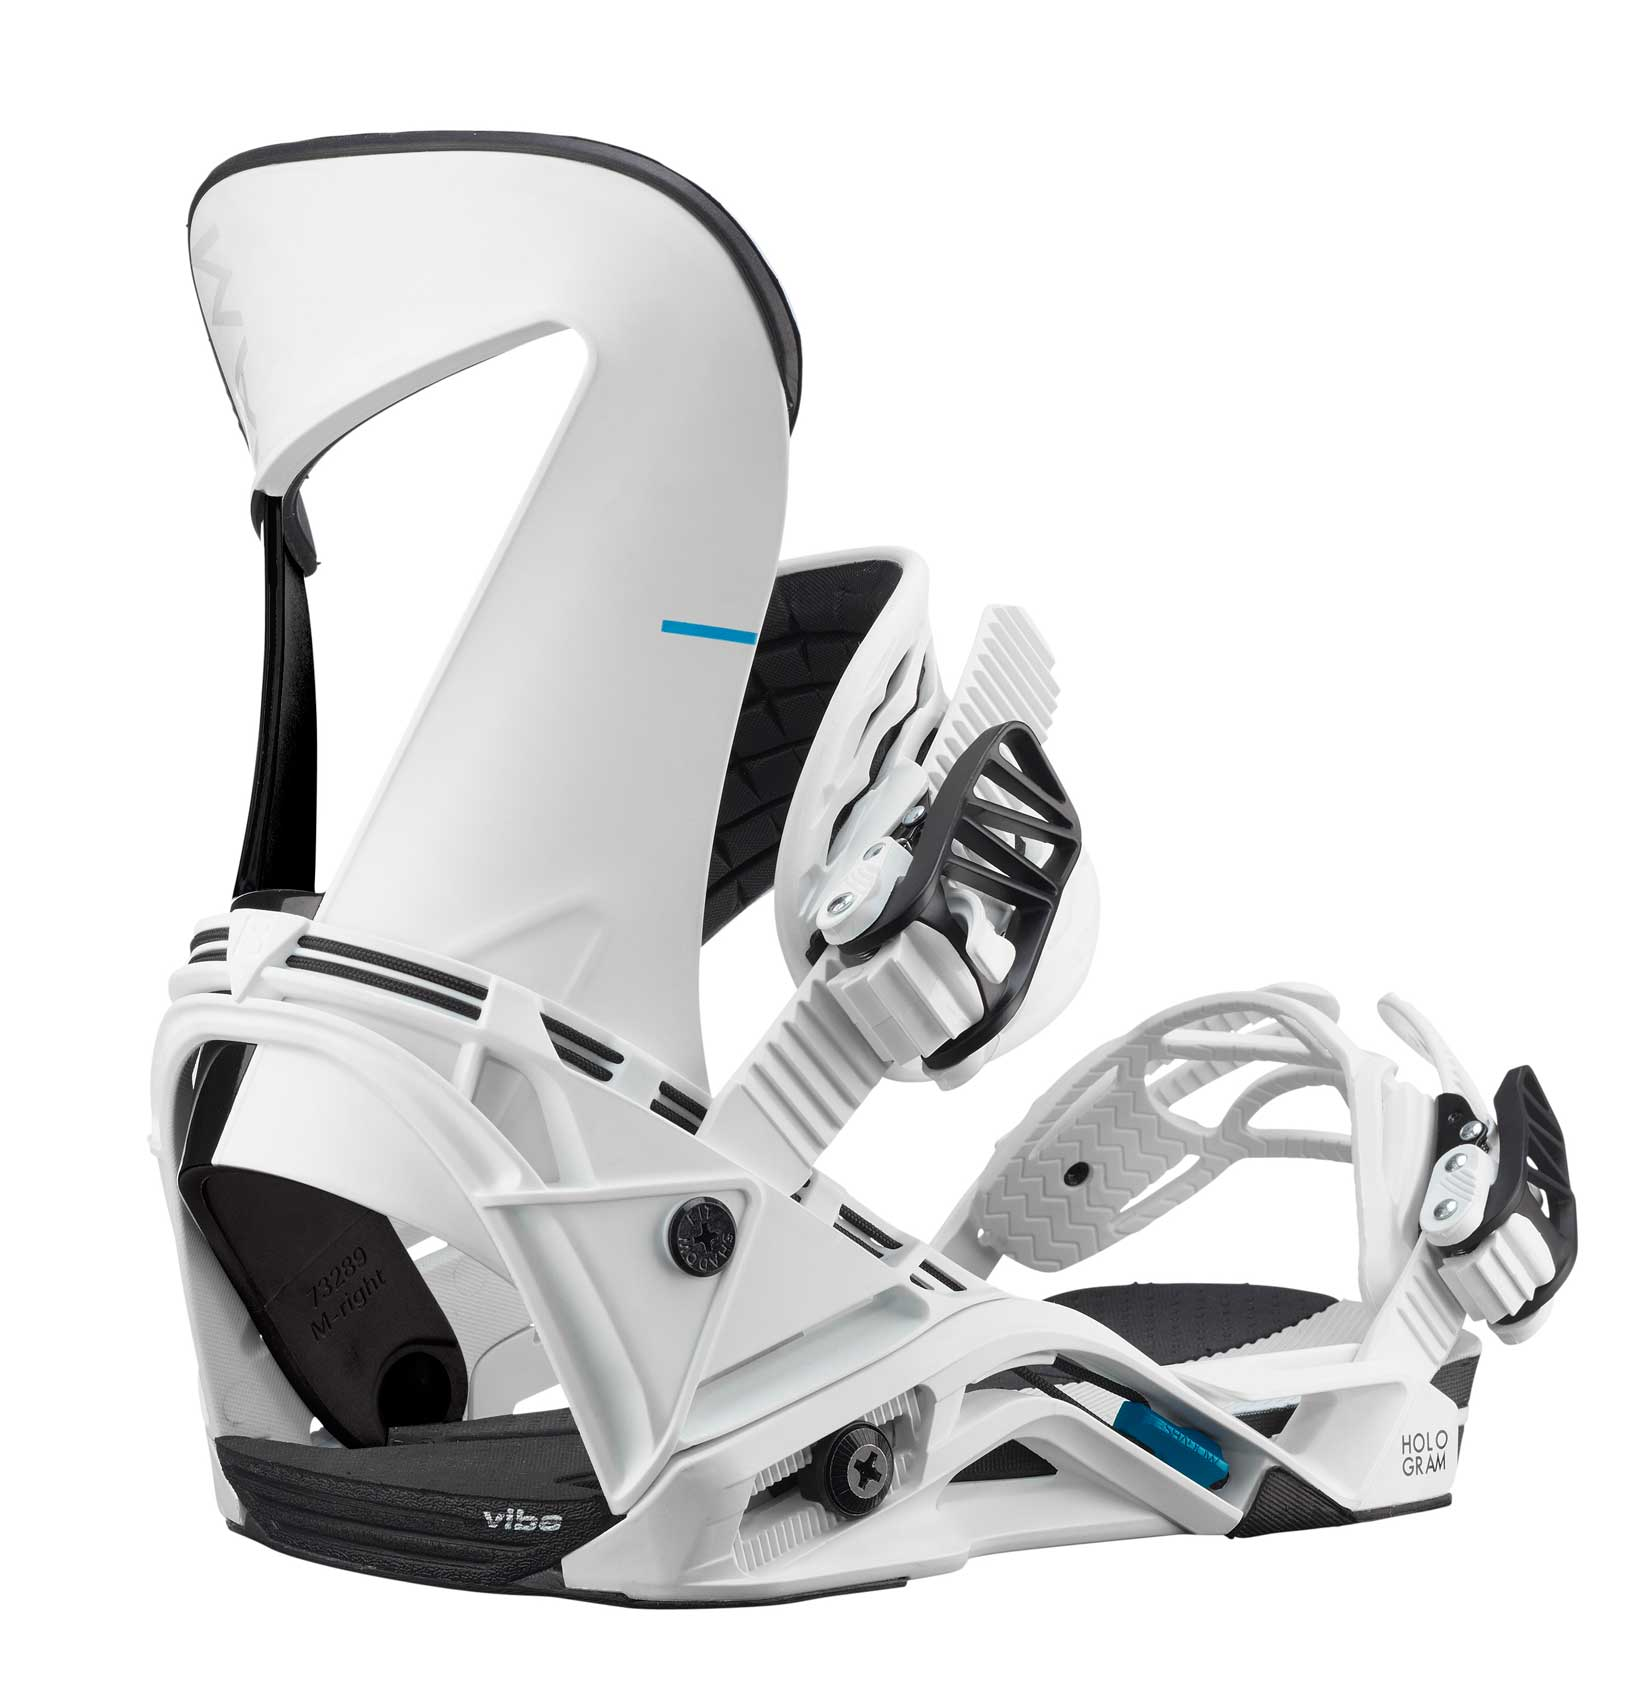 5656ddc3aae7 Salomon Hologram Snowboard Bindings 2019